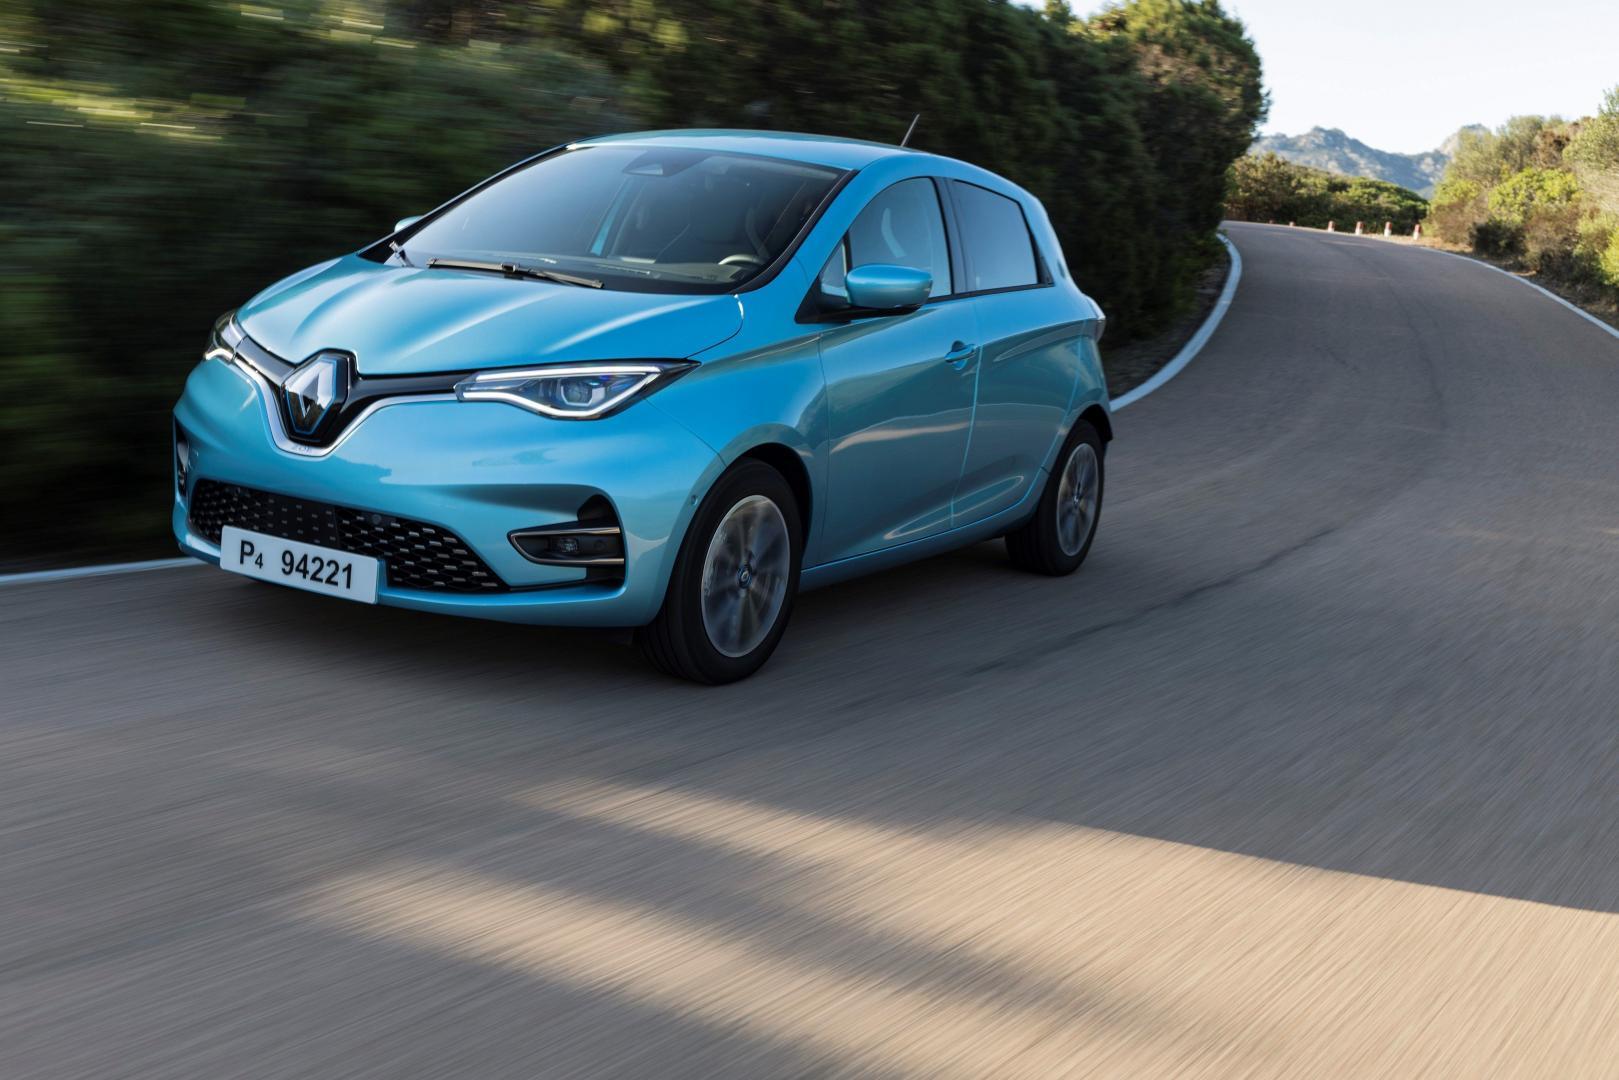 Perfekte Balance - Renault ZOE Autohaus Schouren